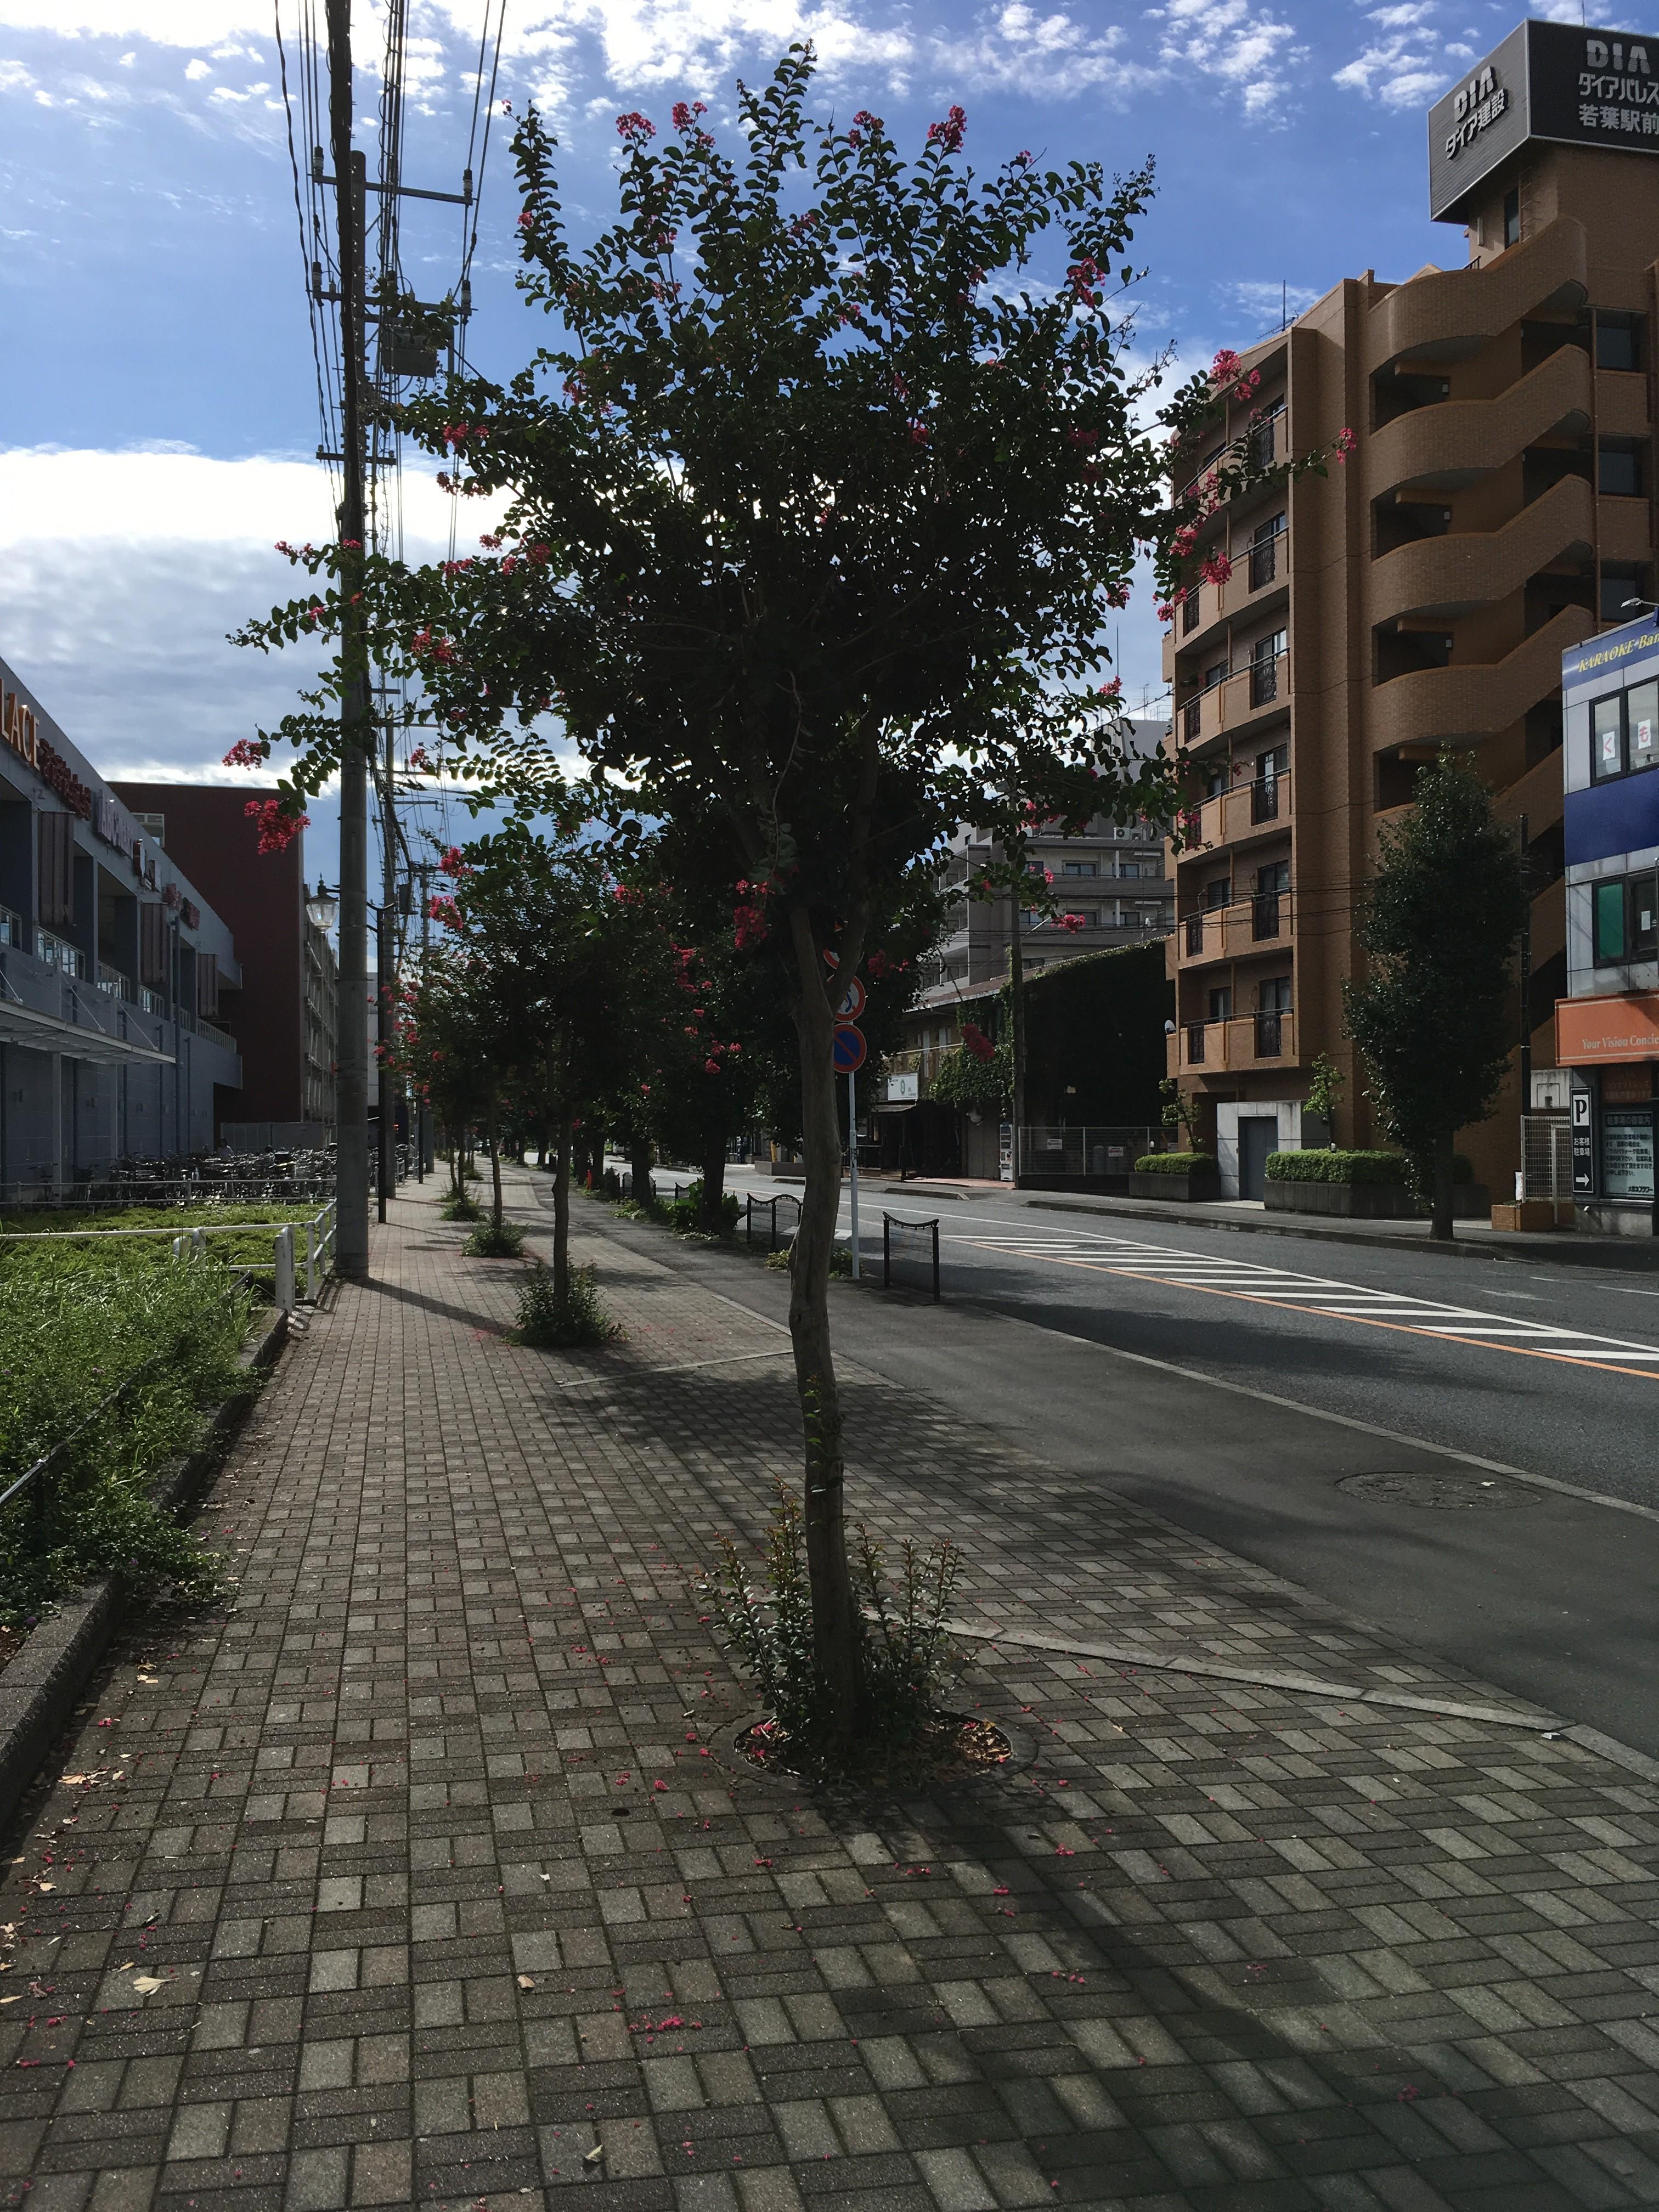 鶴ヶ島市民推進活動センター(スタート)